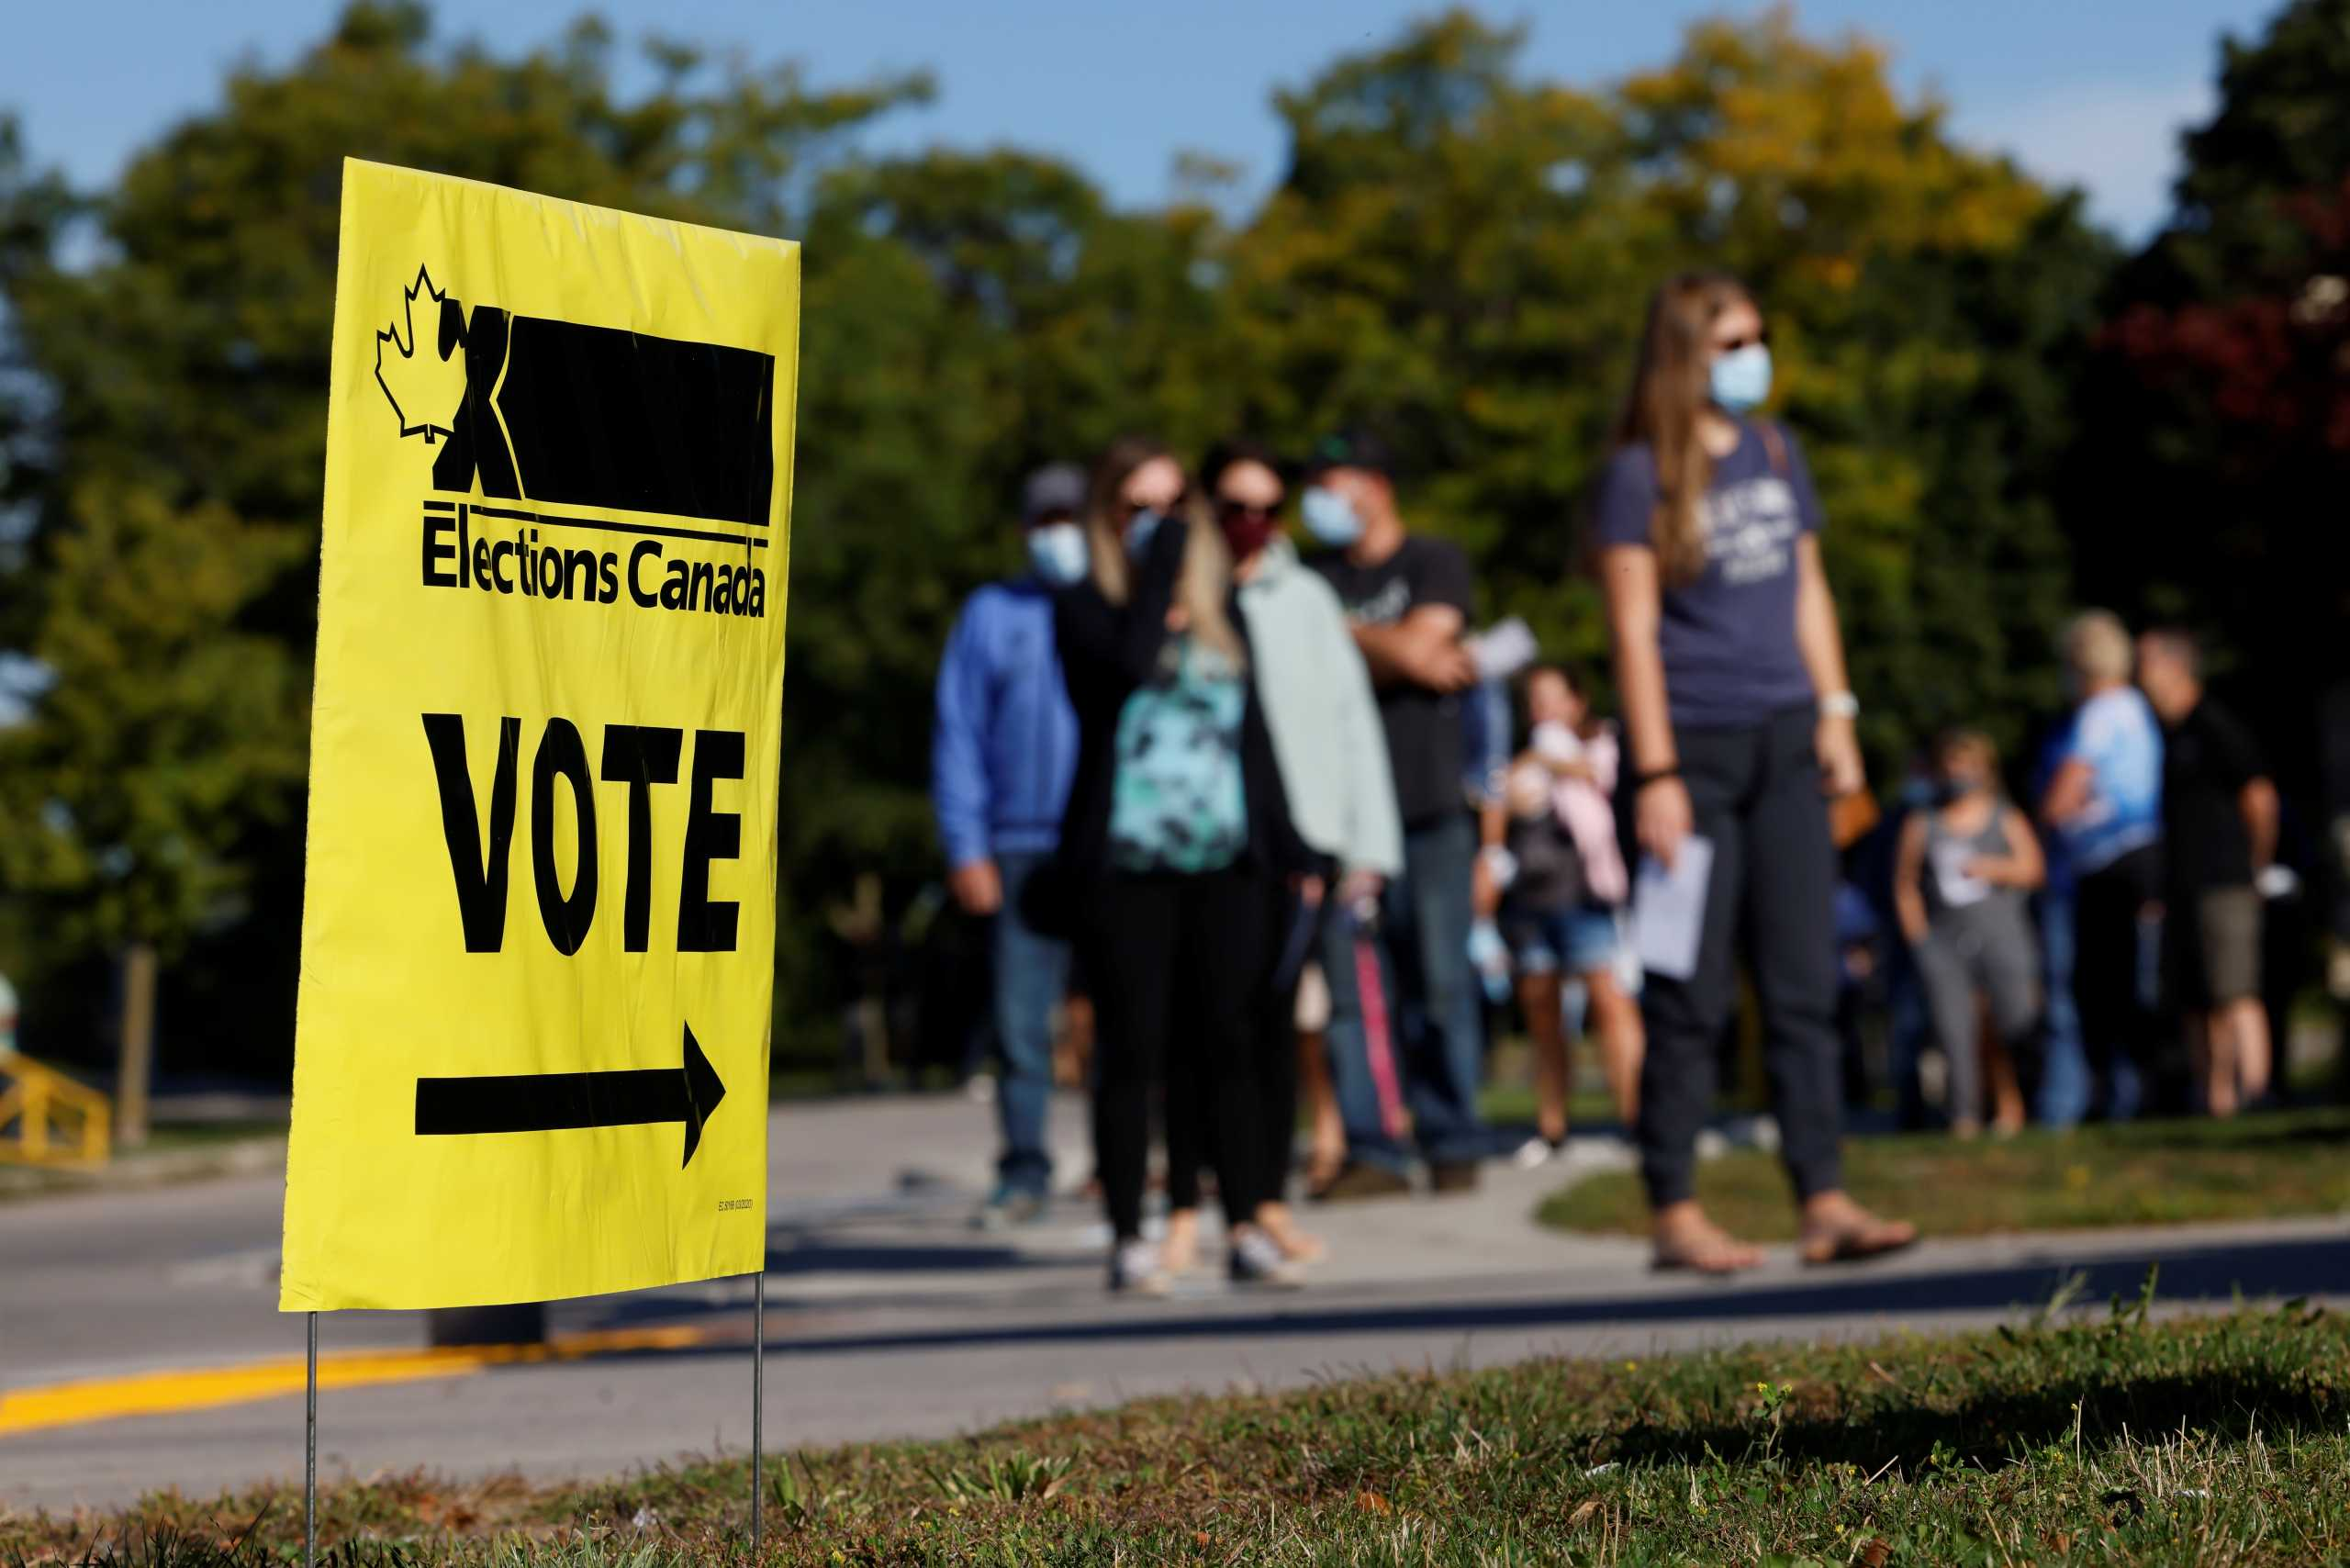 Καναδάς: Στις κάλπες για τις πρόωρες βουλευτικές εκλογές